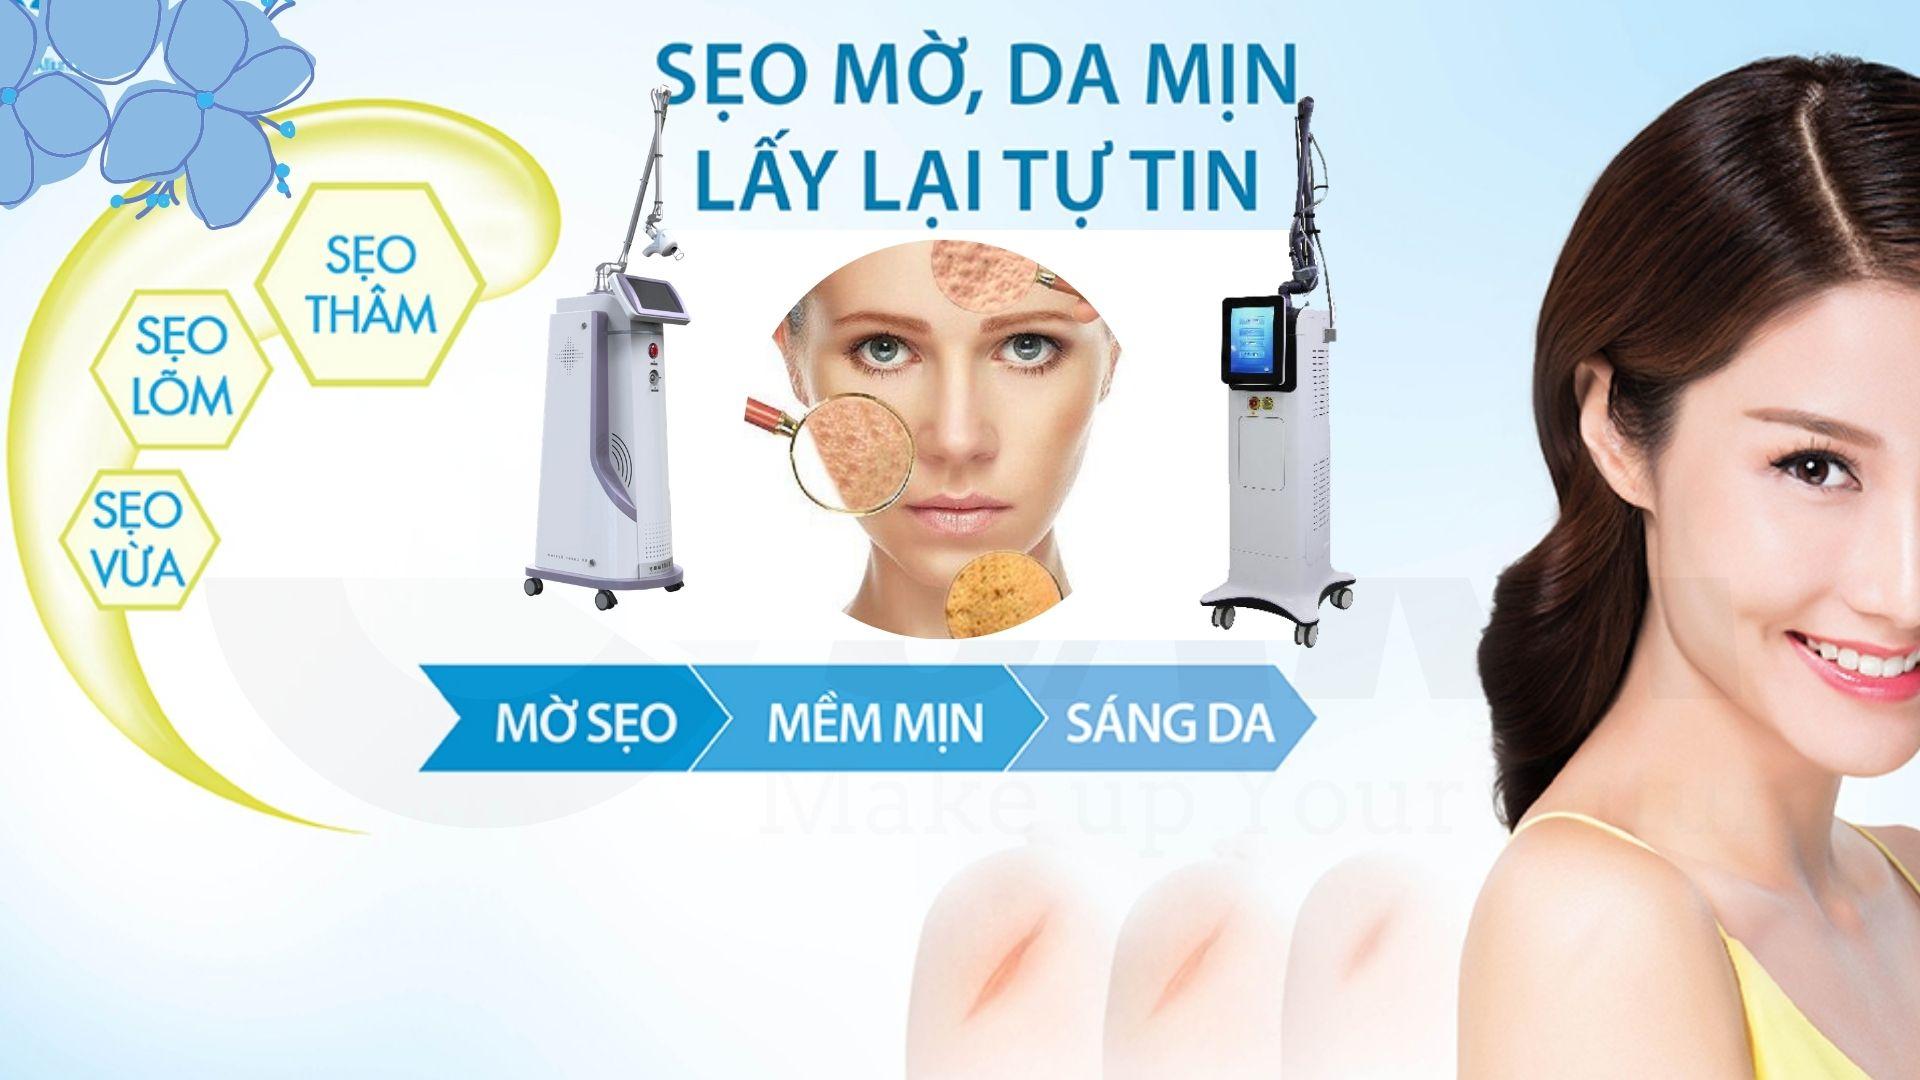 Ứng dụng máy trị sẹo